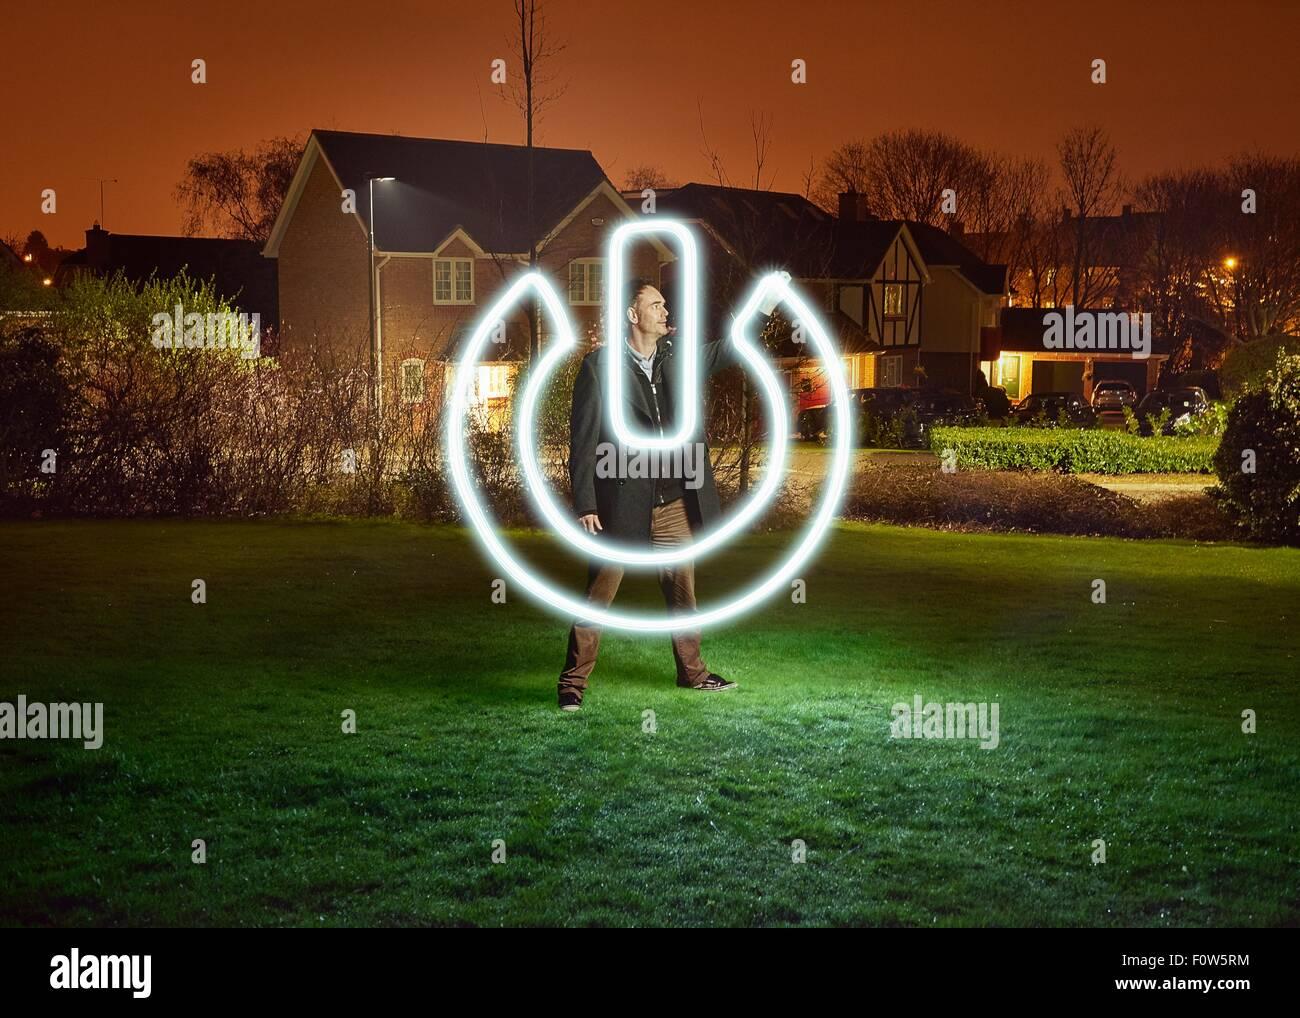 La lumière de l'artiste la peinture d'un interrupteur de symbole dans park Photo Stock